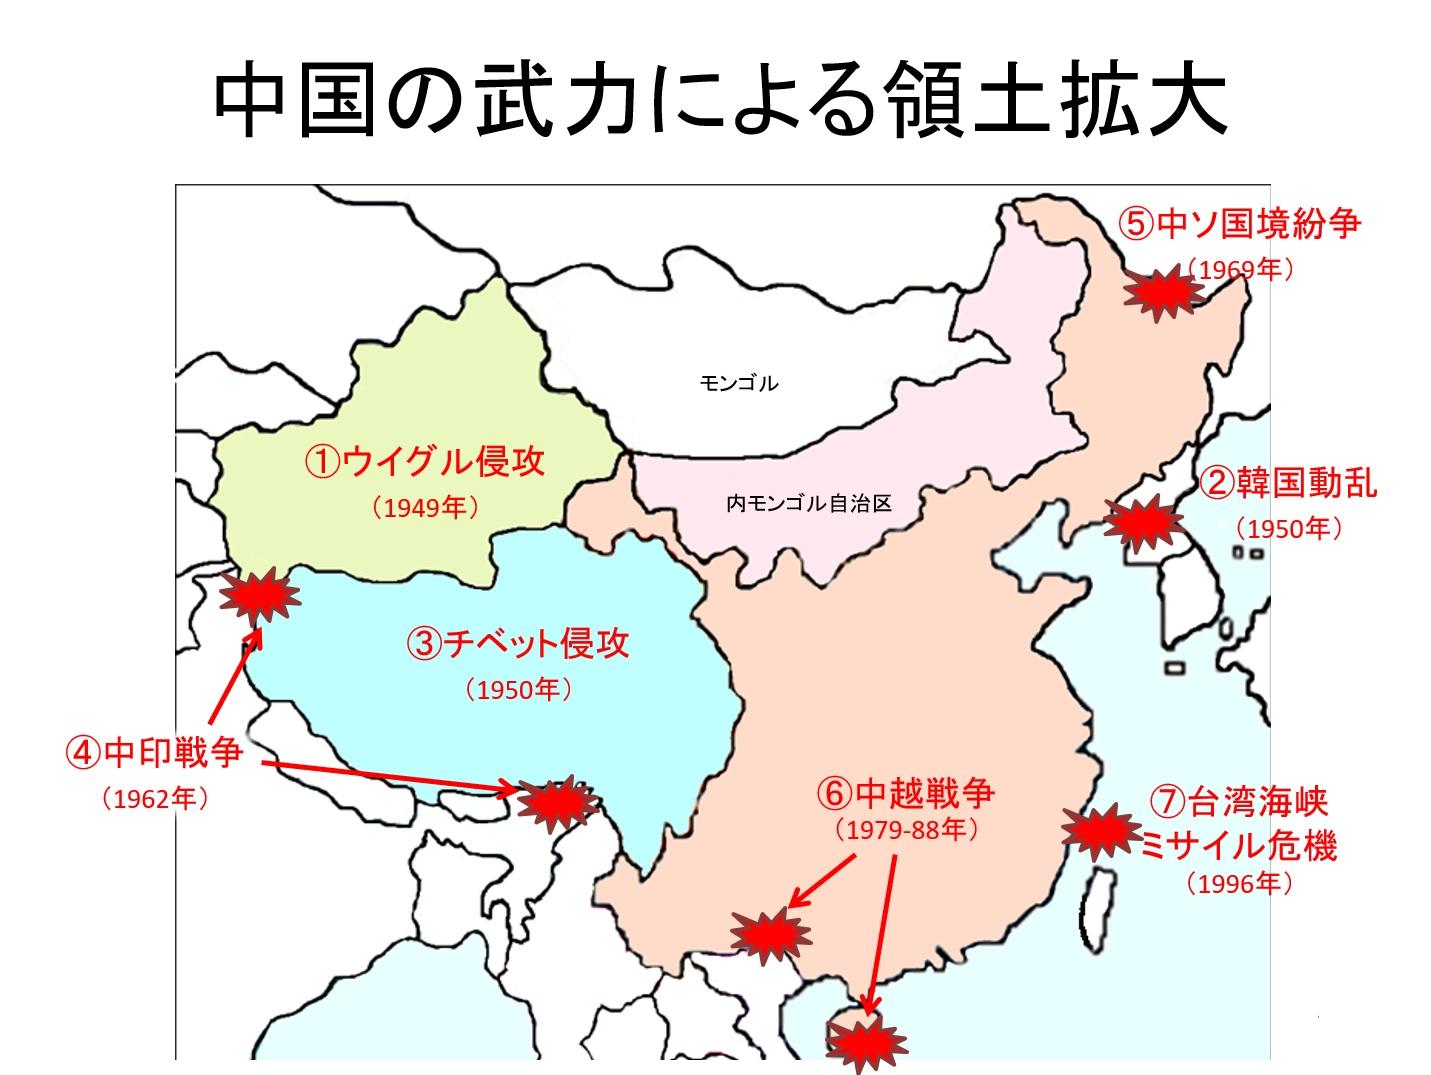 挿入画像08=国連を舞台とする米中の動向と日本